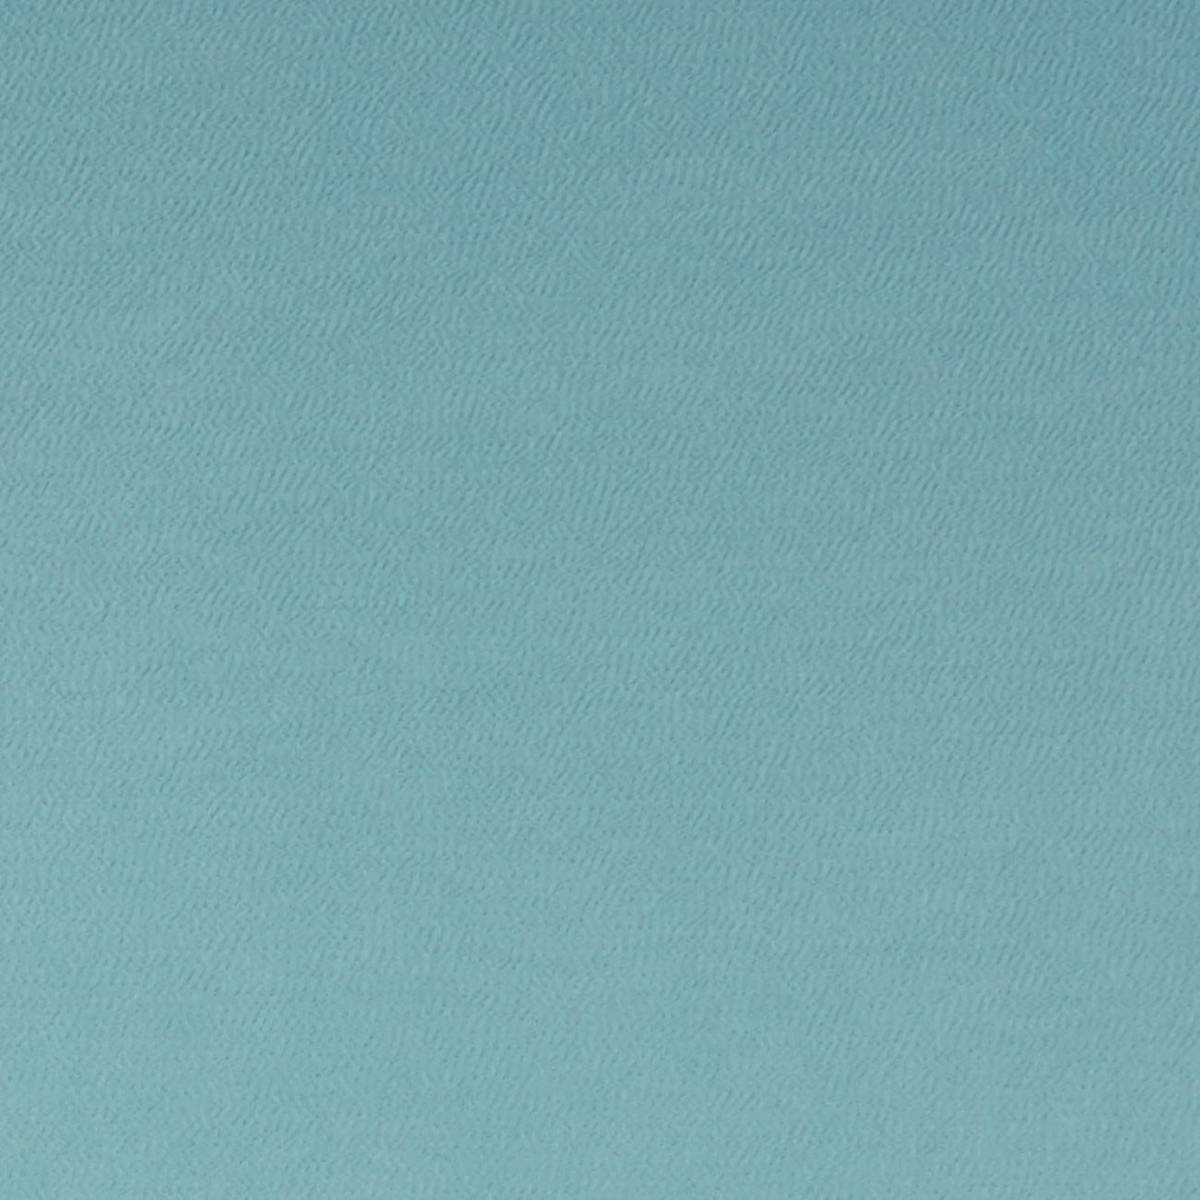 spectrum fabric - sky (f1062/39) - clarke & clarke spectrum fabrics